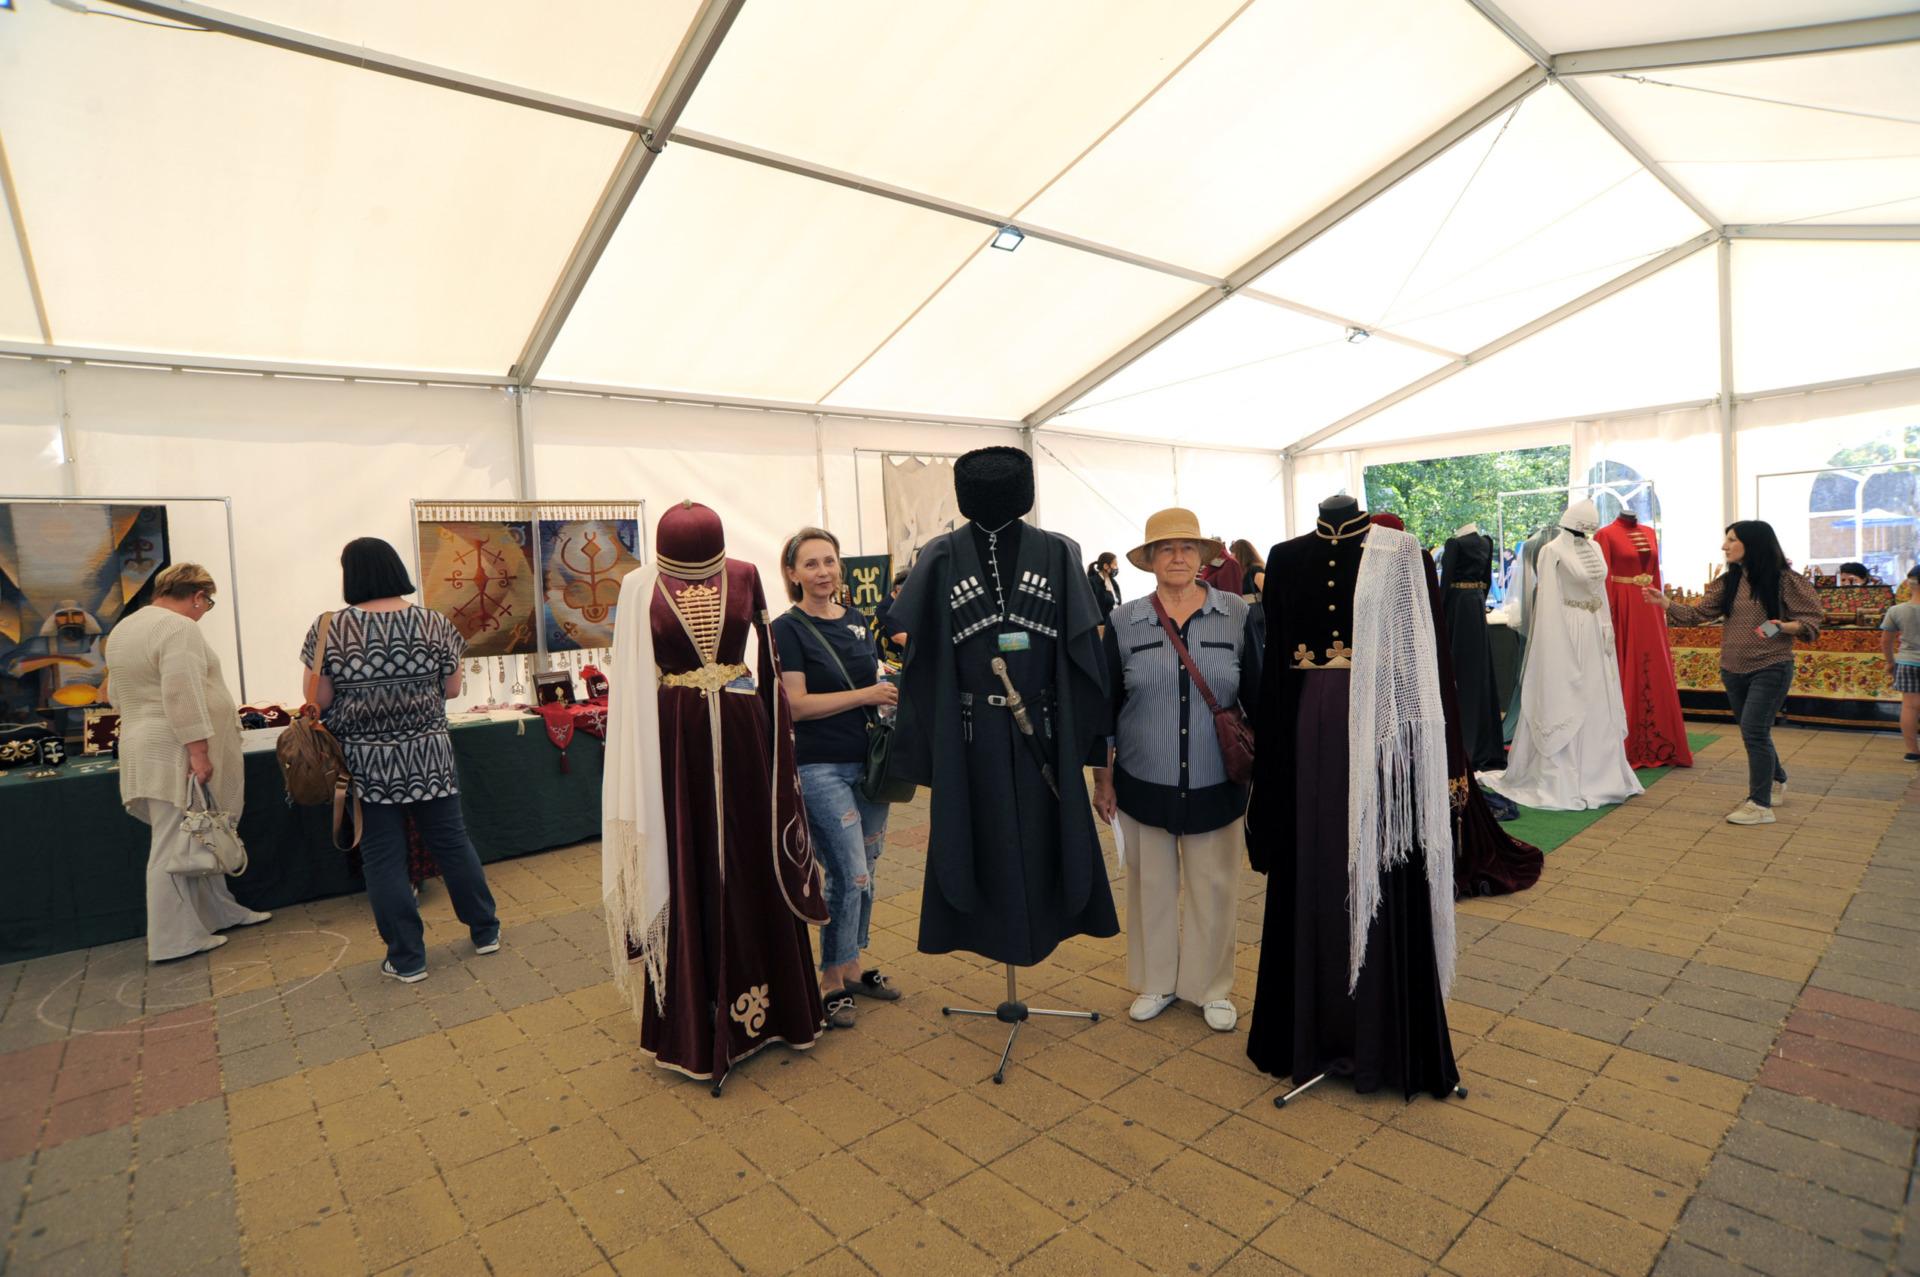 ярмарка 076 scaled - Выставка народных ремесел в Адыгее